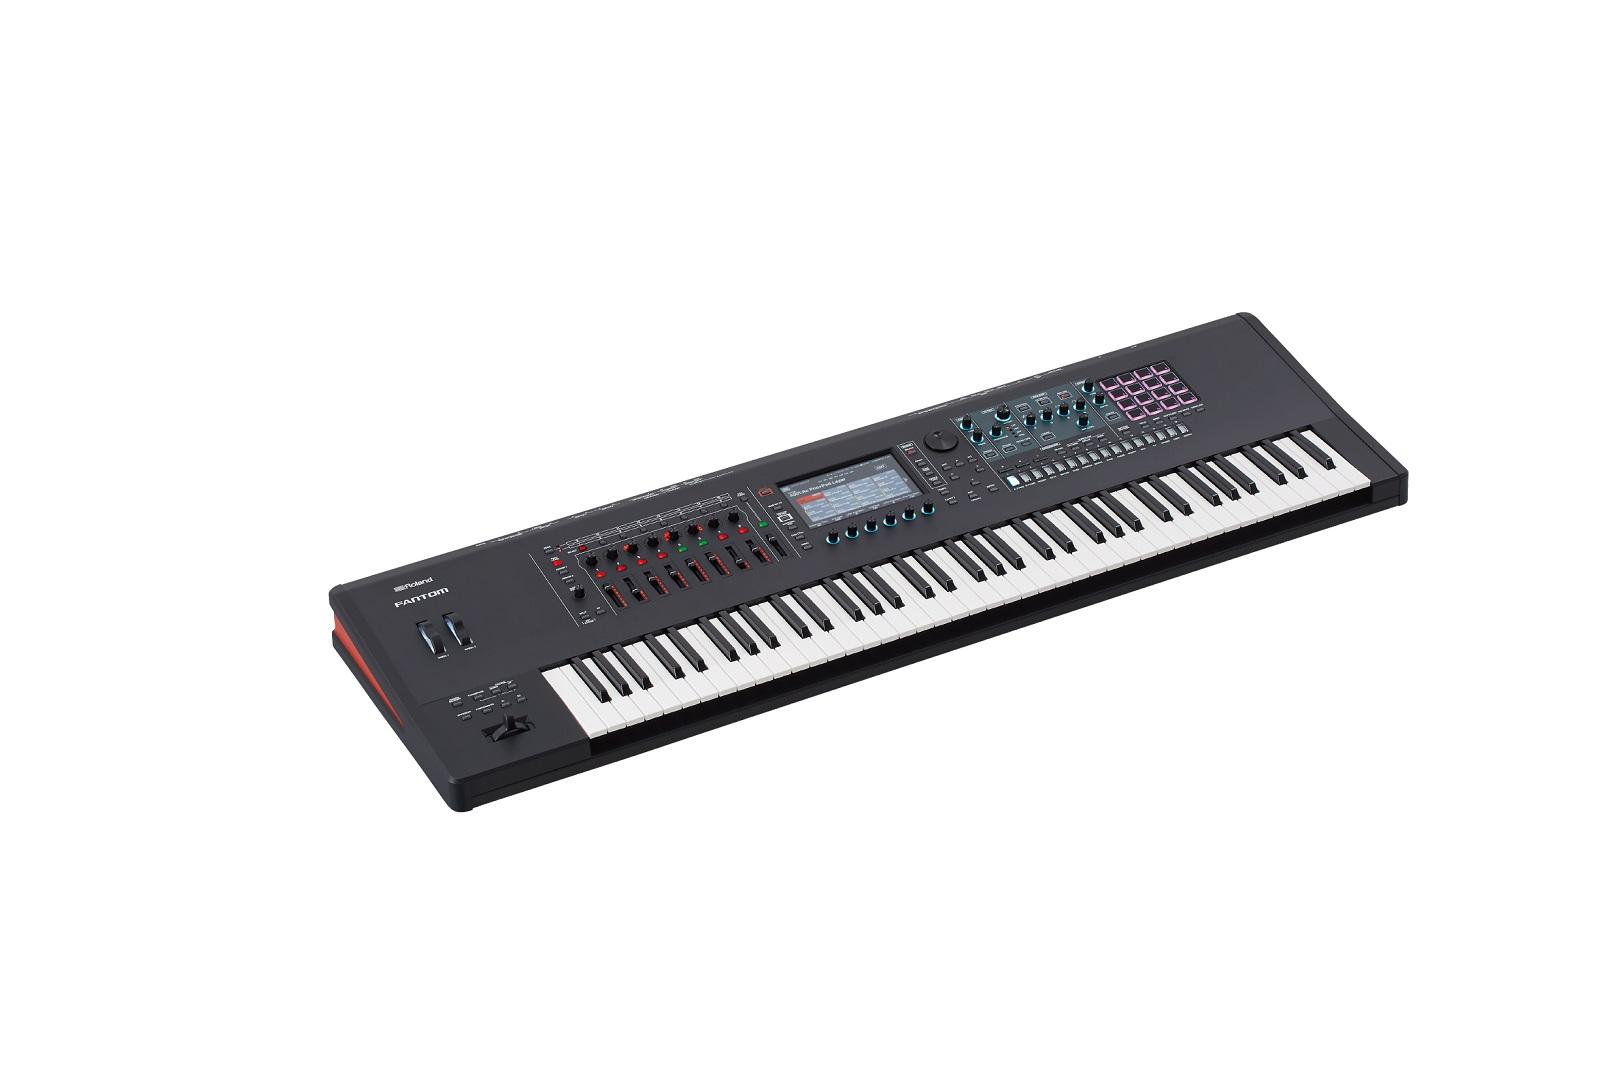 【数量限定即納可能】Roland ローランド FANTOM-7【MUSIC WORKSTATION】 【シンセサイザー】【76鍵盤】【送料無料】